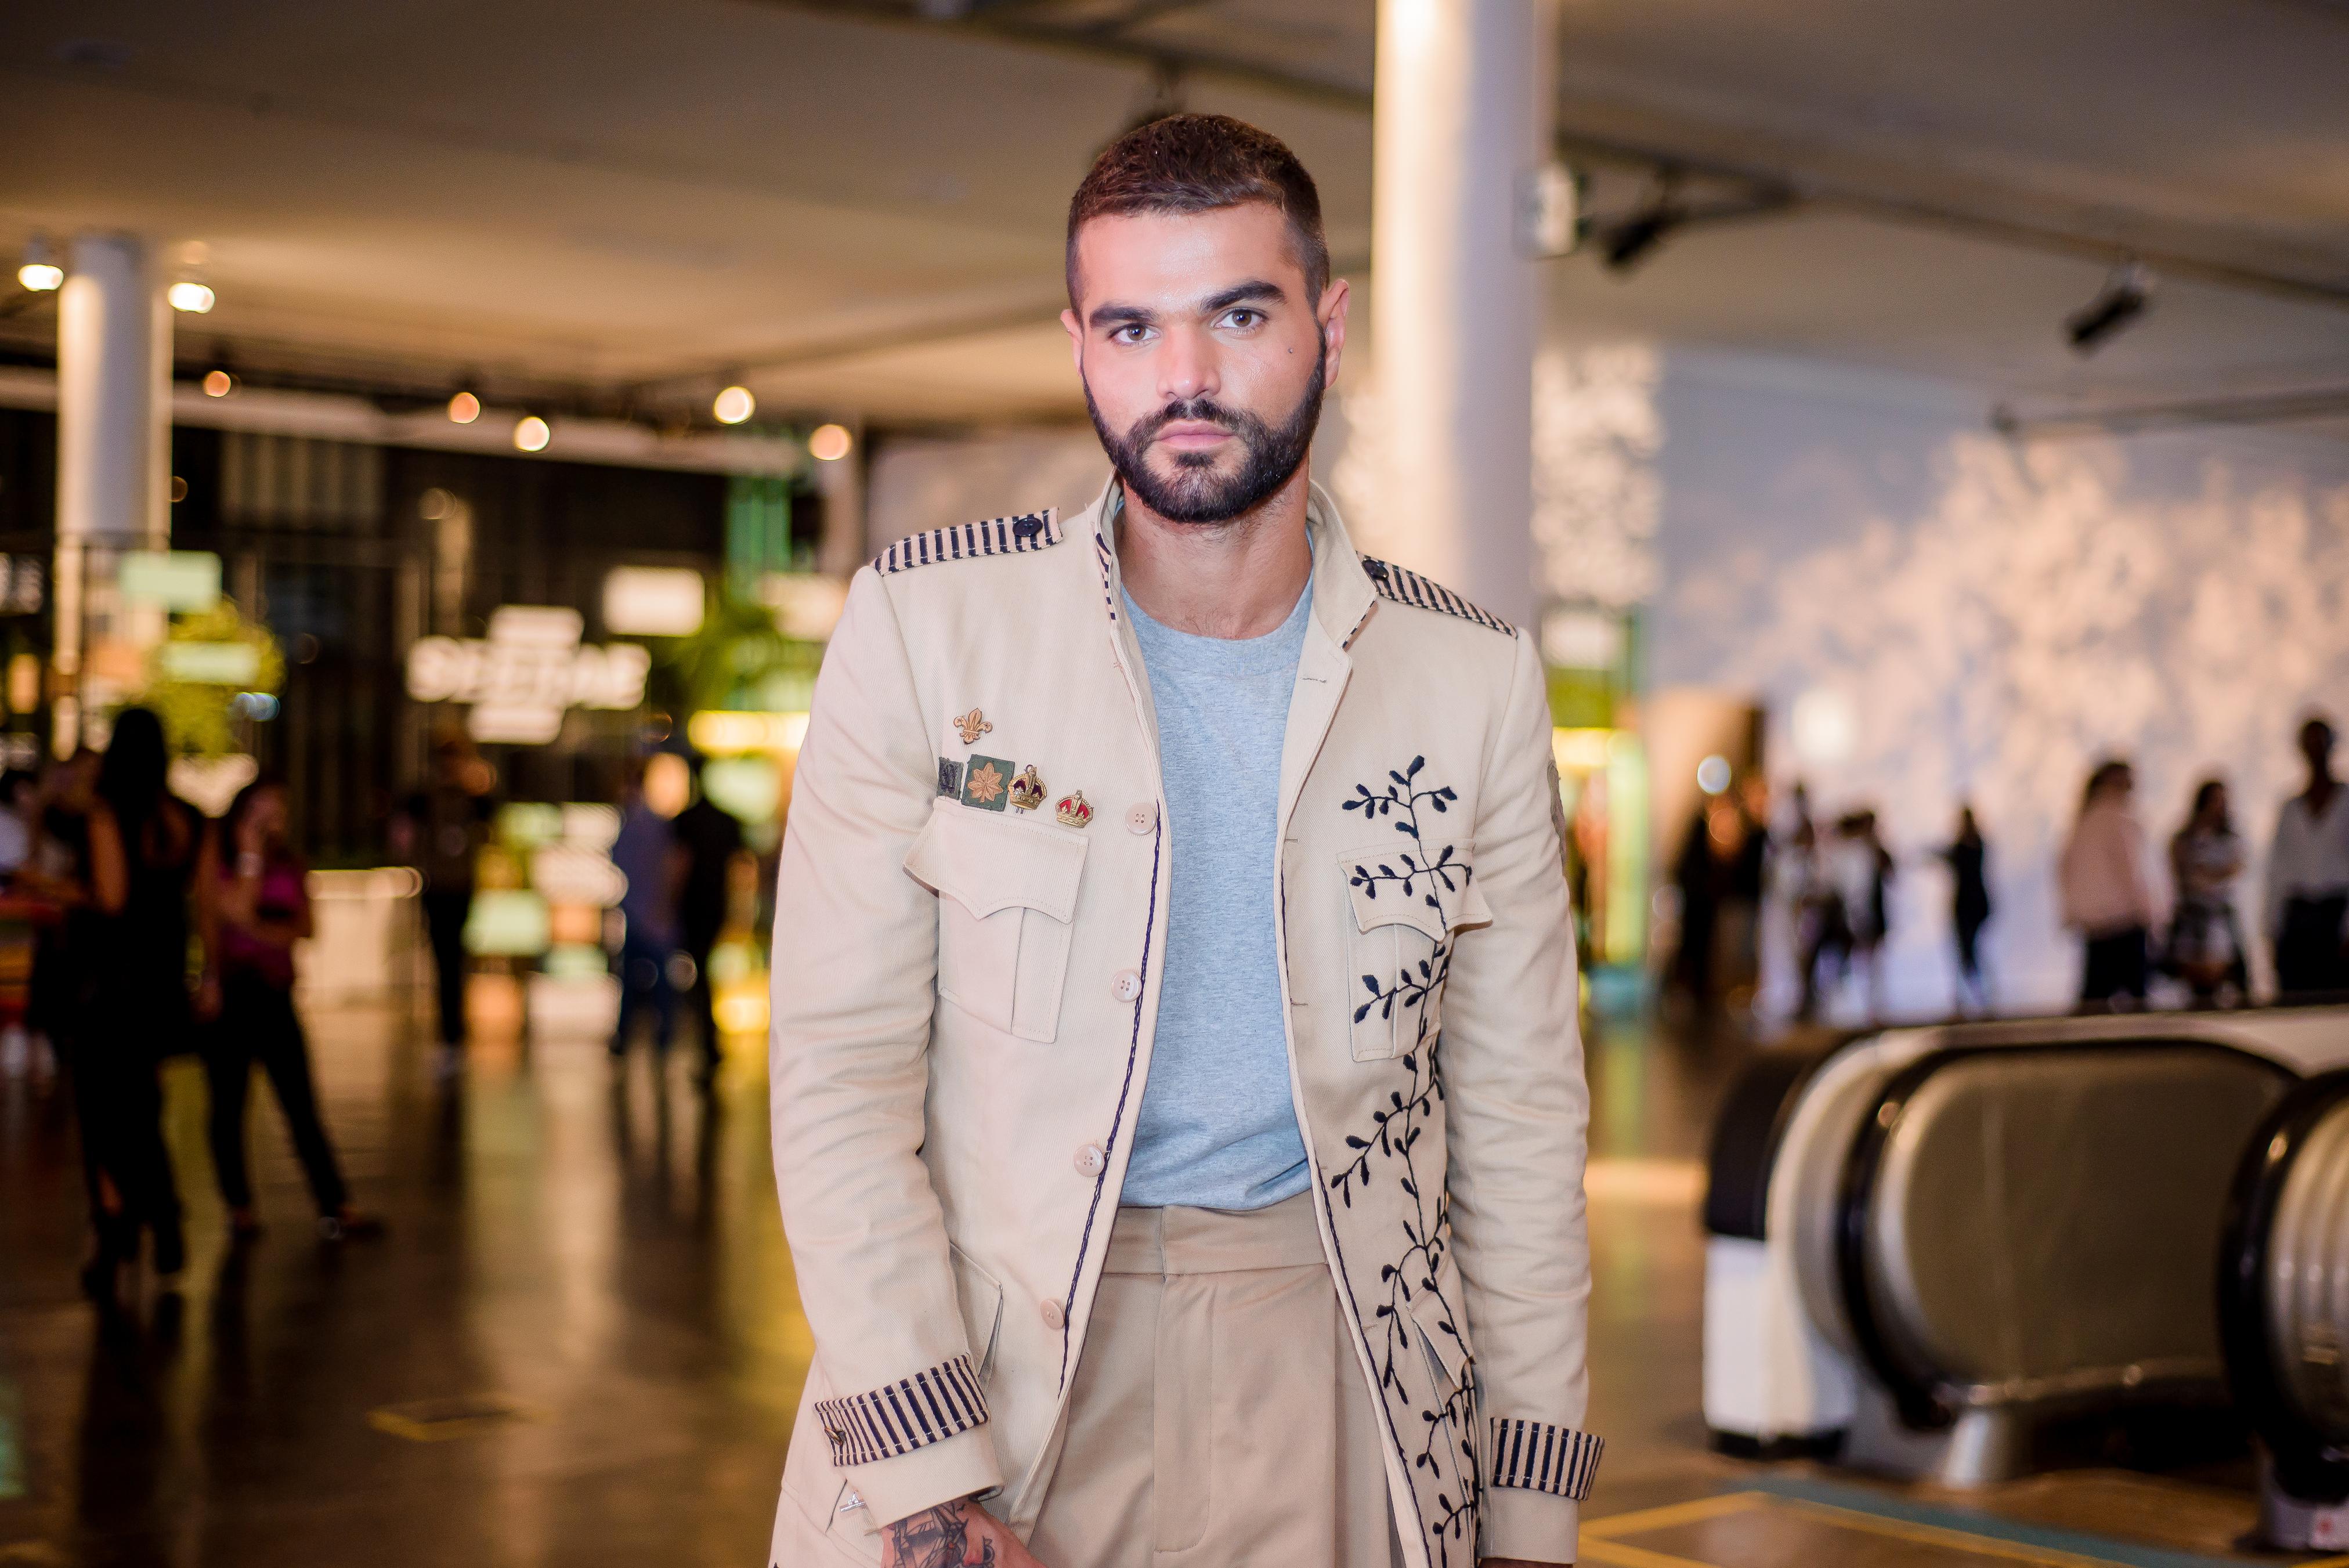 spfwn43-street-style-moda-masculina-estilo-masculino-style-fashion-moda-2017-moda-sem-censura-beleza-blog-de-moda-men-man-boy-estilo (15)